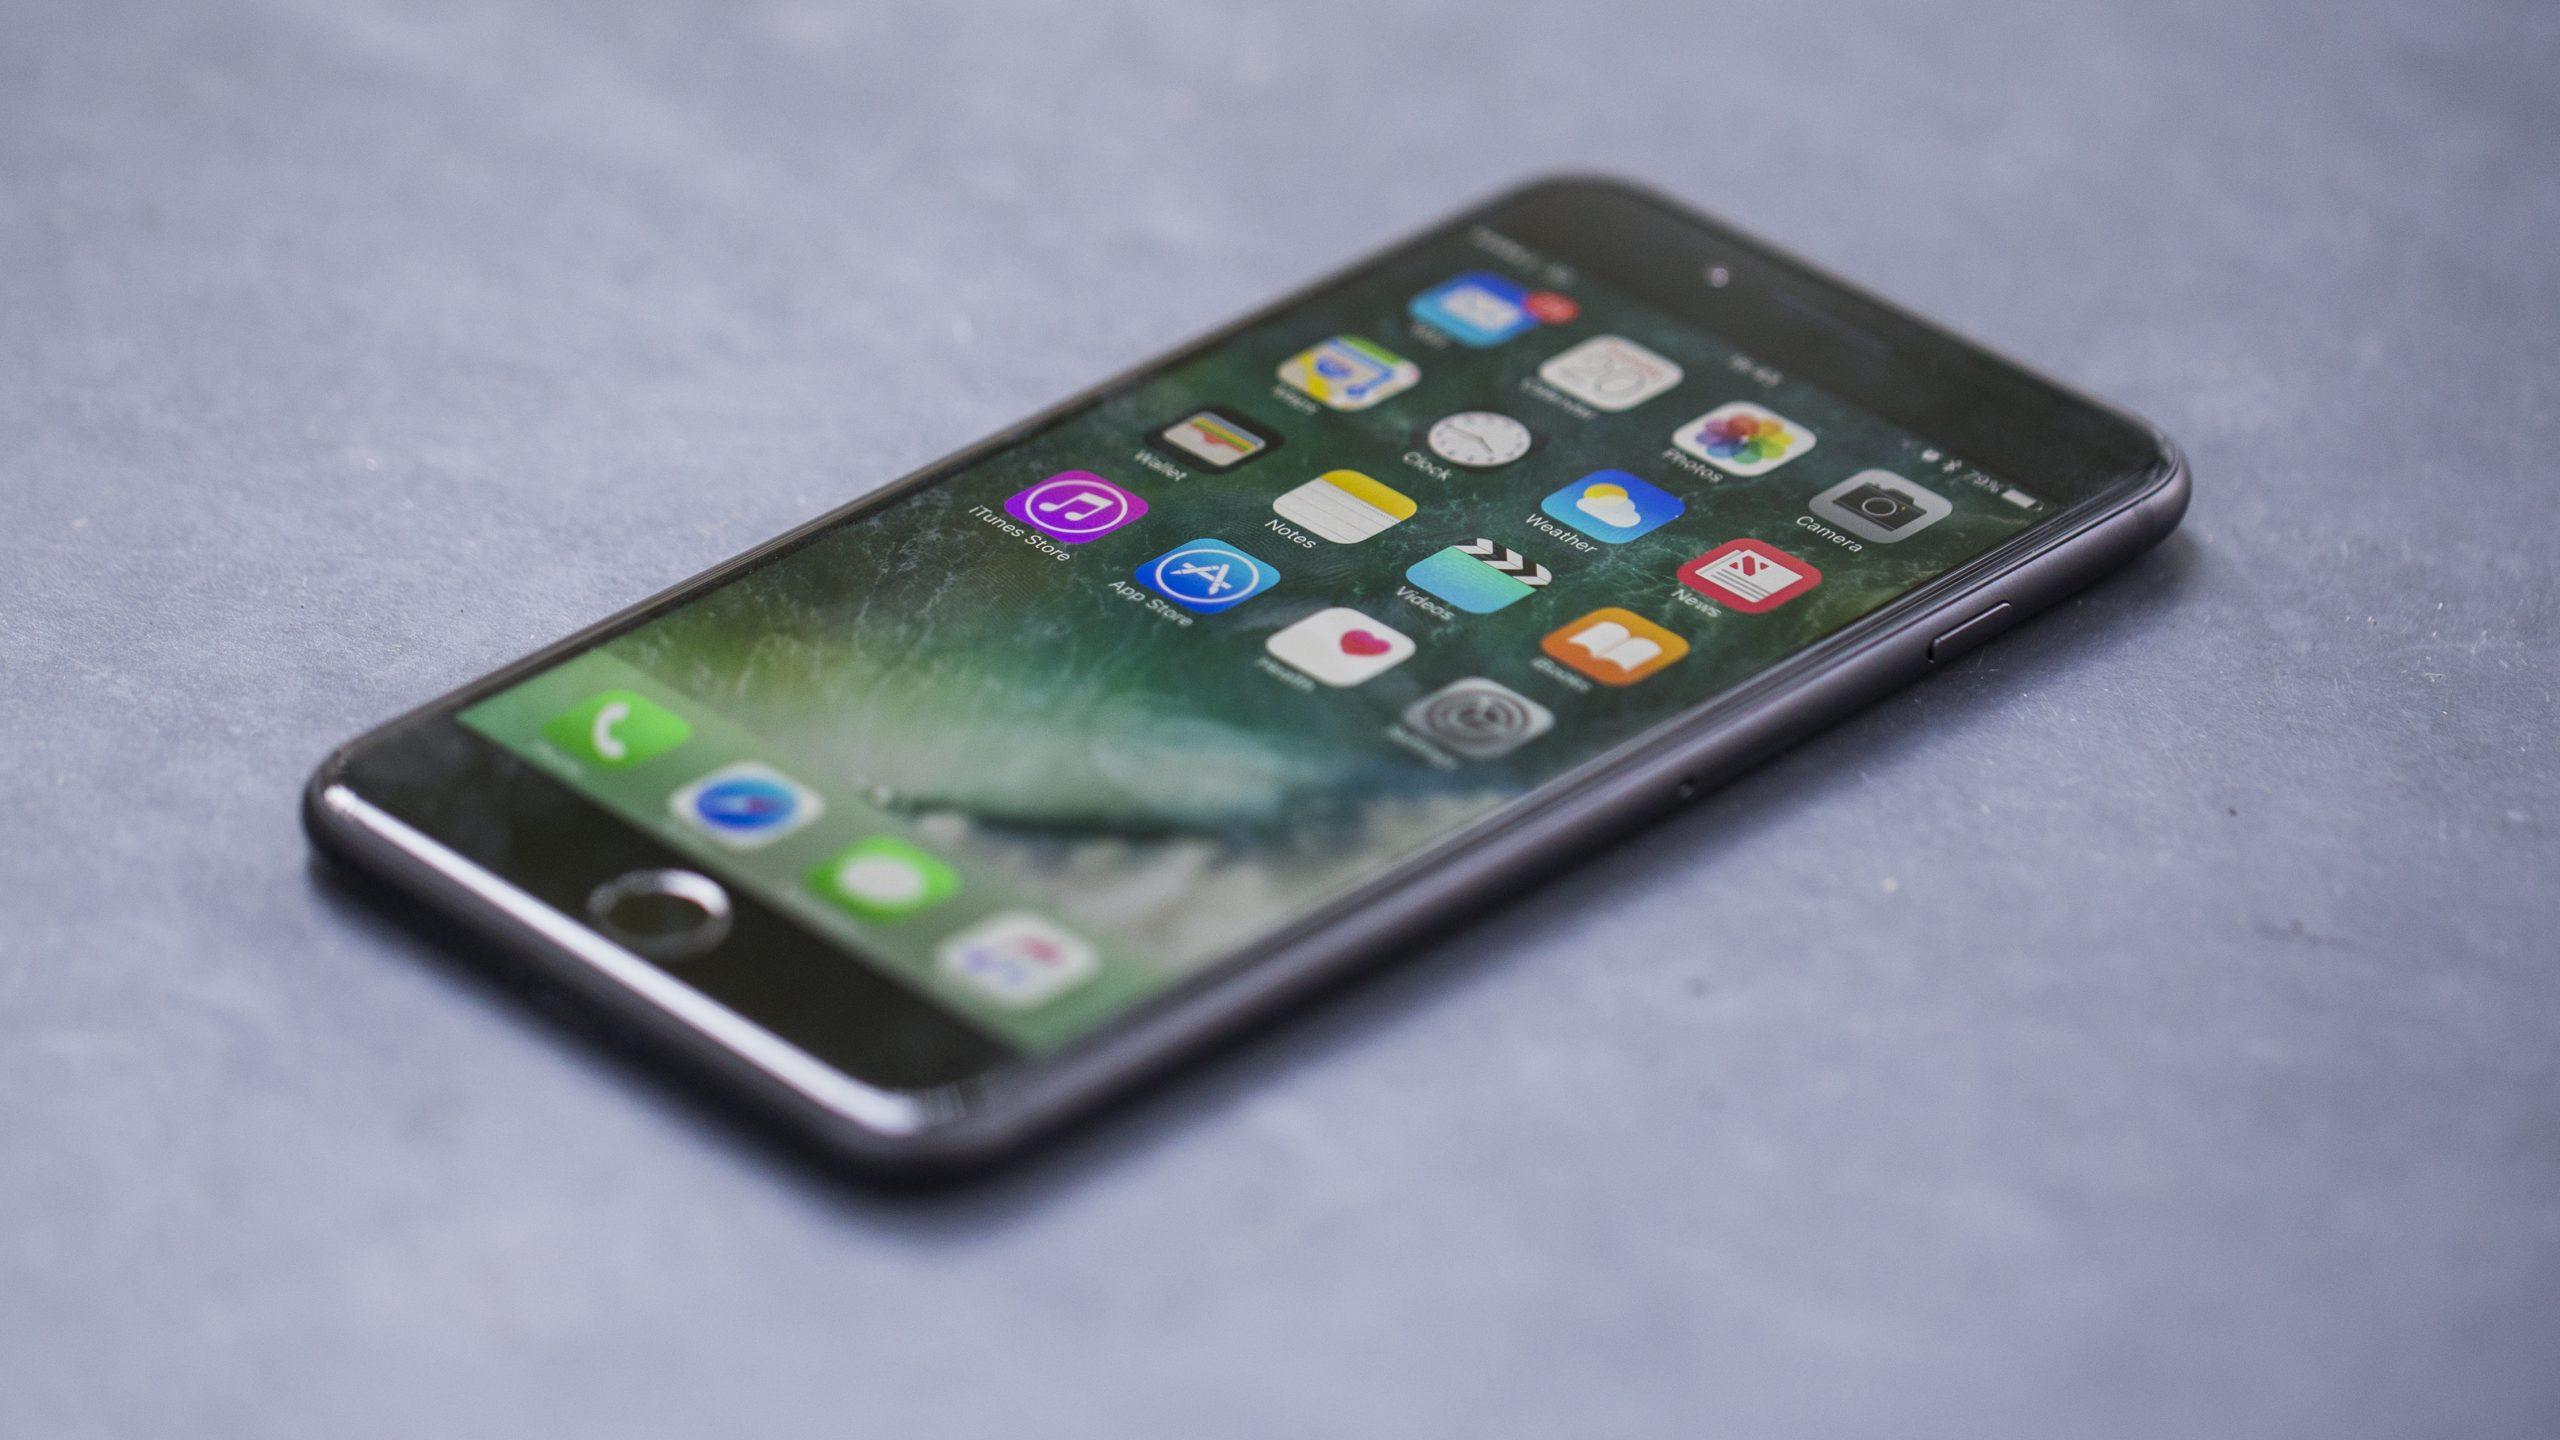 iPhone VCF Dosyasını İçe Aktarma İşlemi